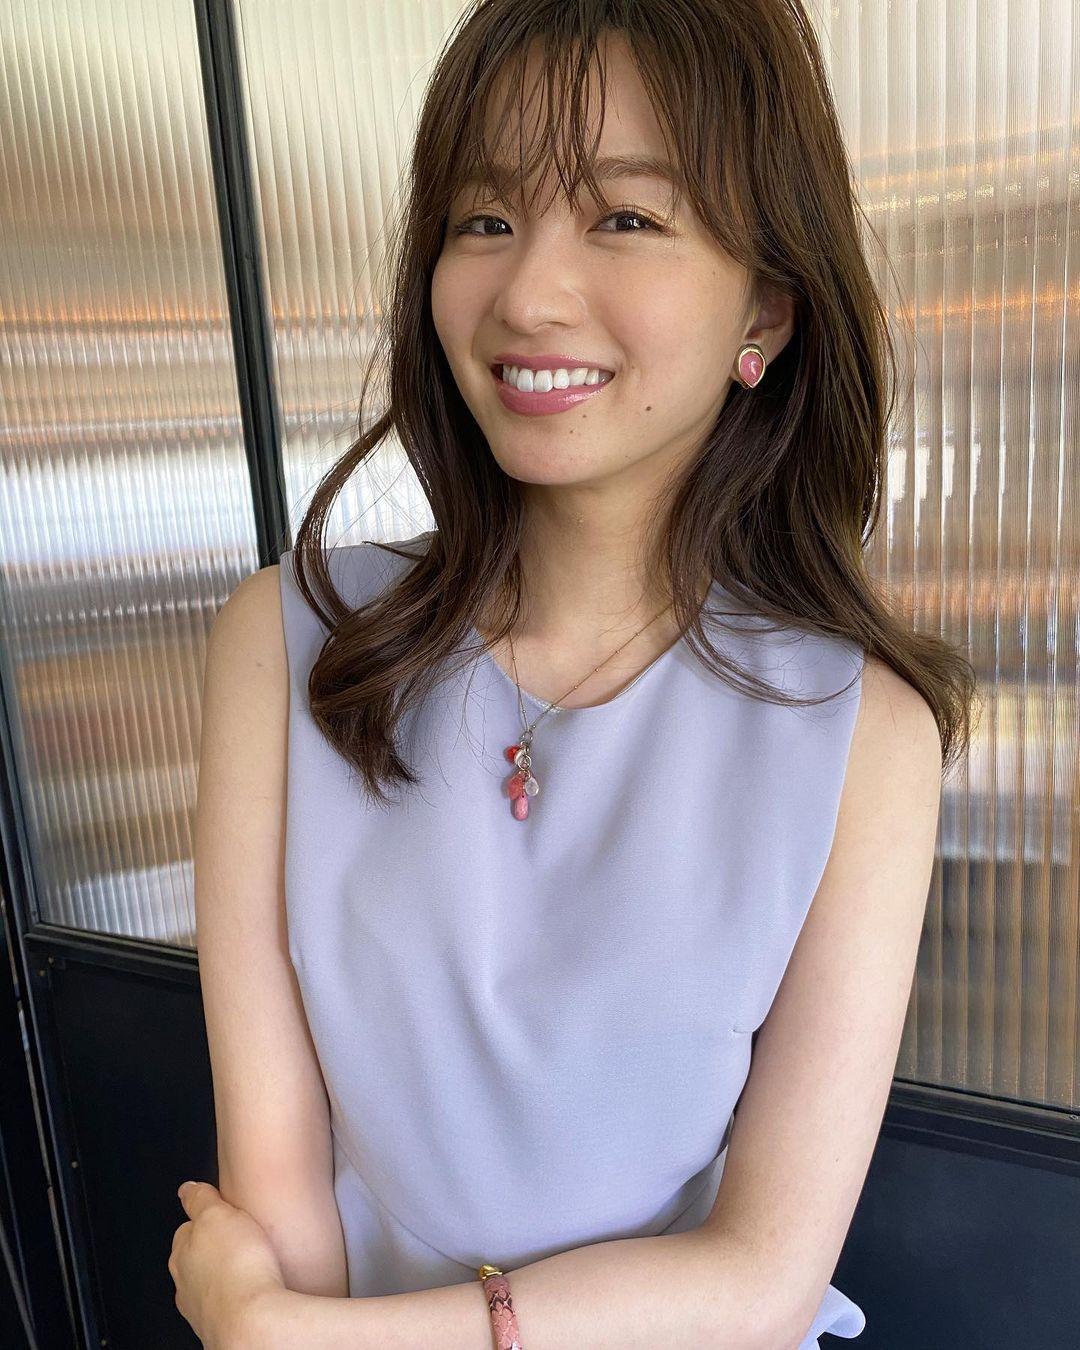 日系时尚杂志模特冈崎纱绘清甜笑容亲和力十足完全就是女友理想型 网络美女 第16张